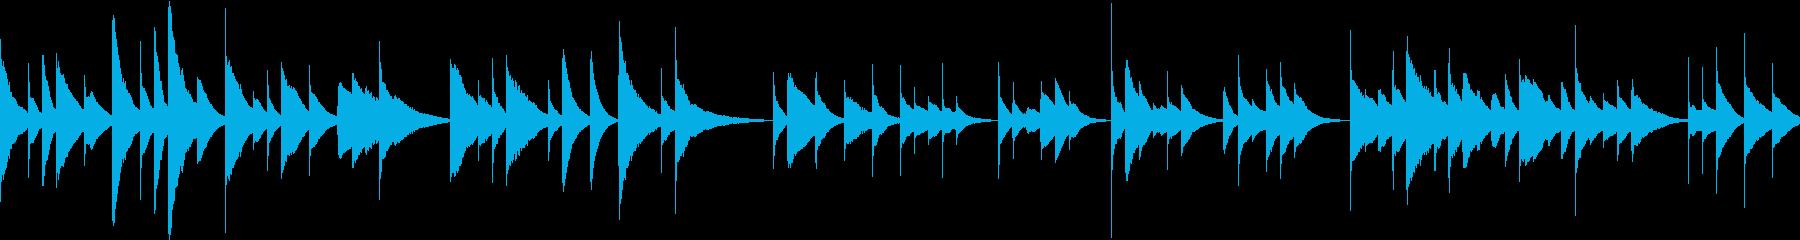 不気味かつ懐かしいオルゴールの再生済みの波形